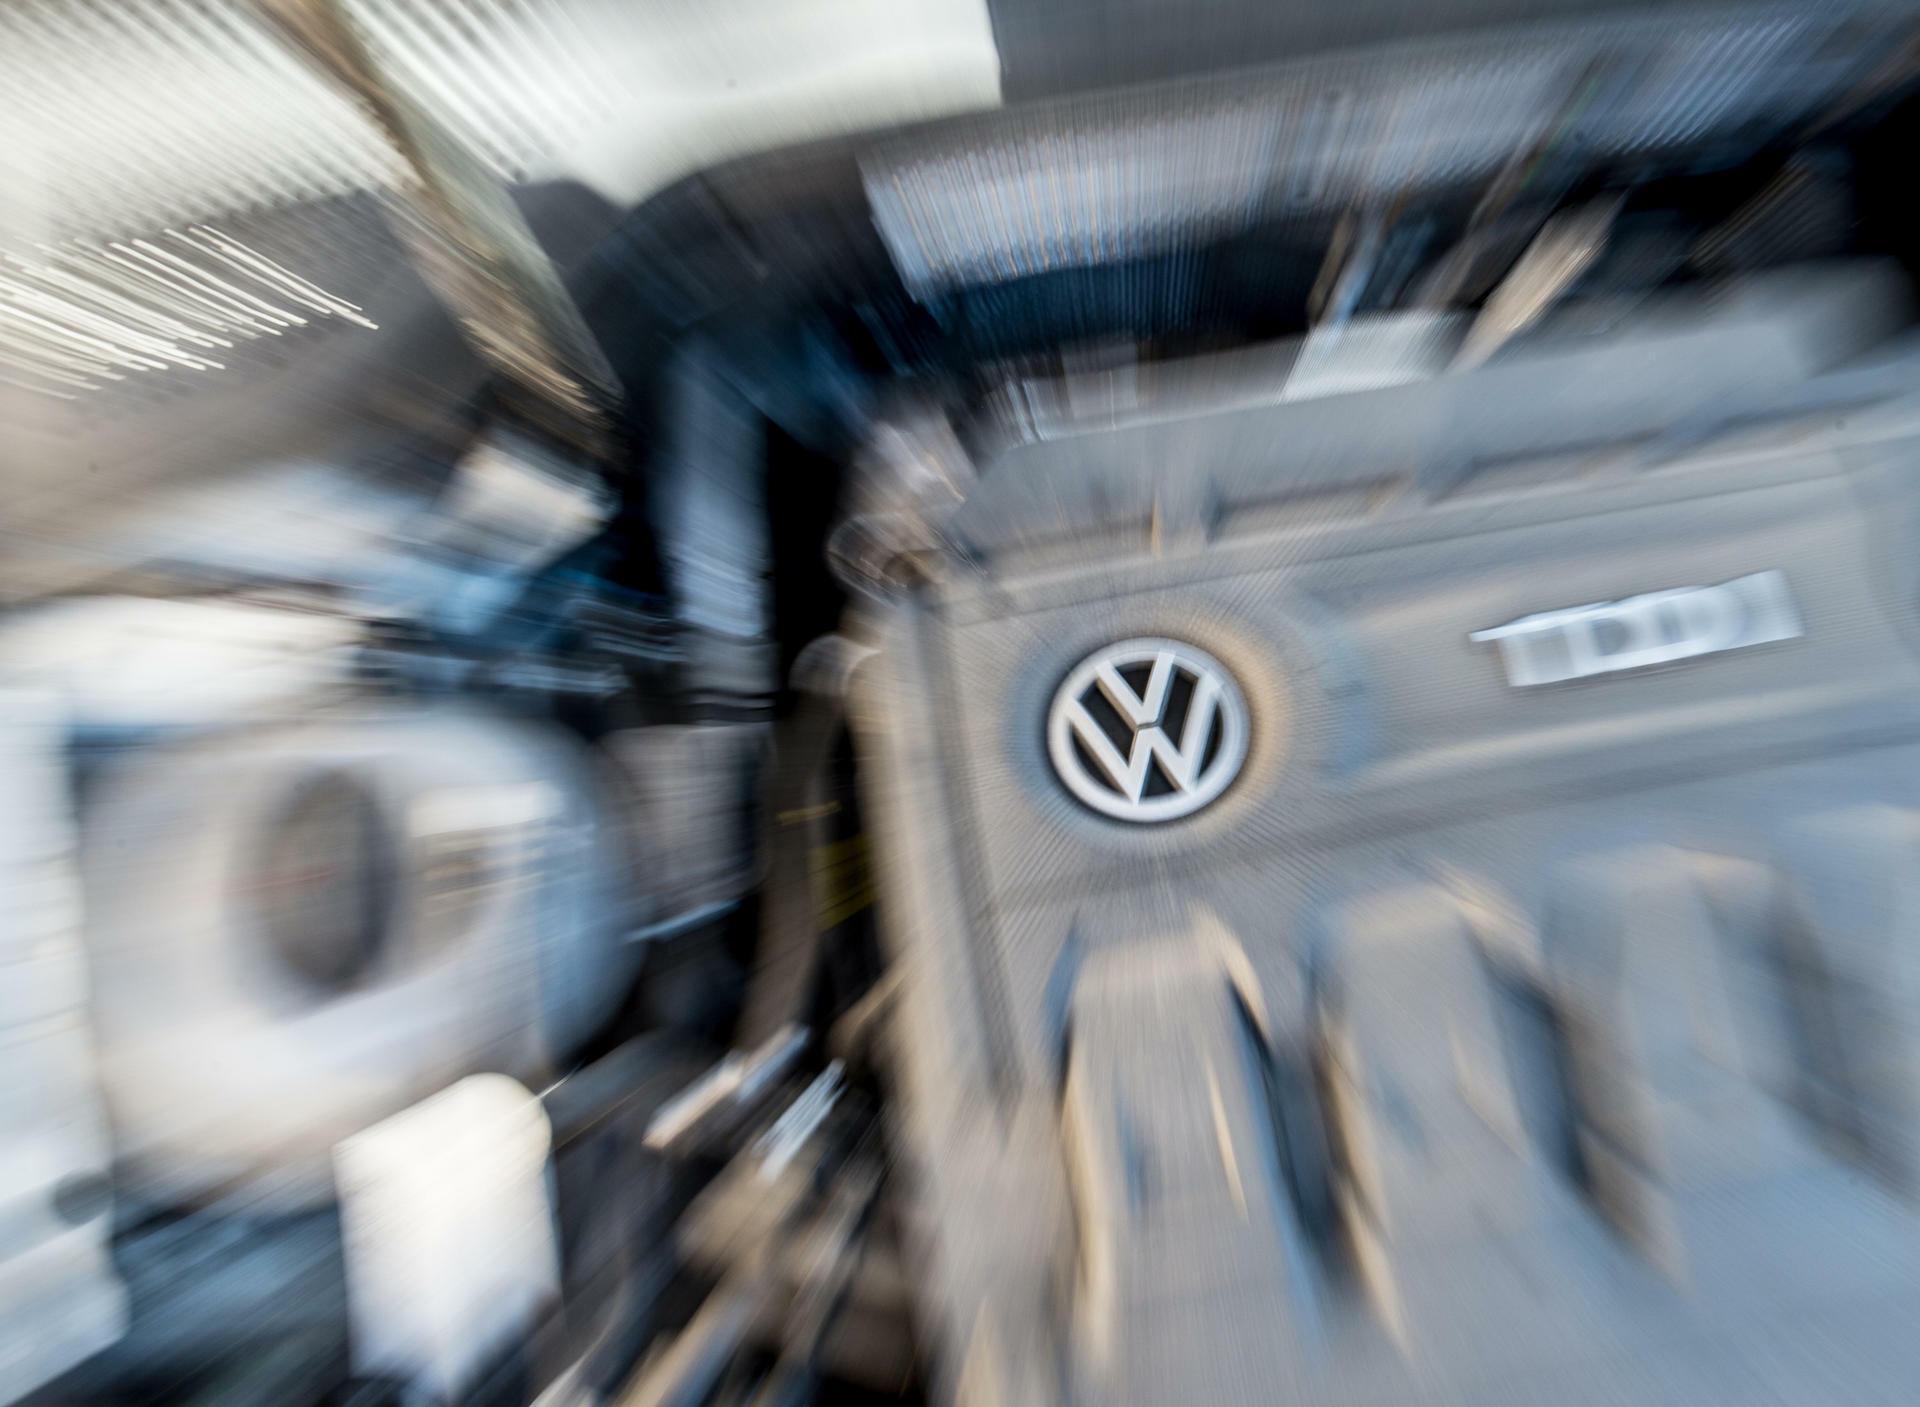 Vw Diesel Skandal Adac Fordert Entschädigungen Nach Us Vorbild